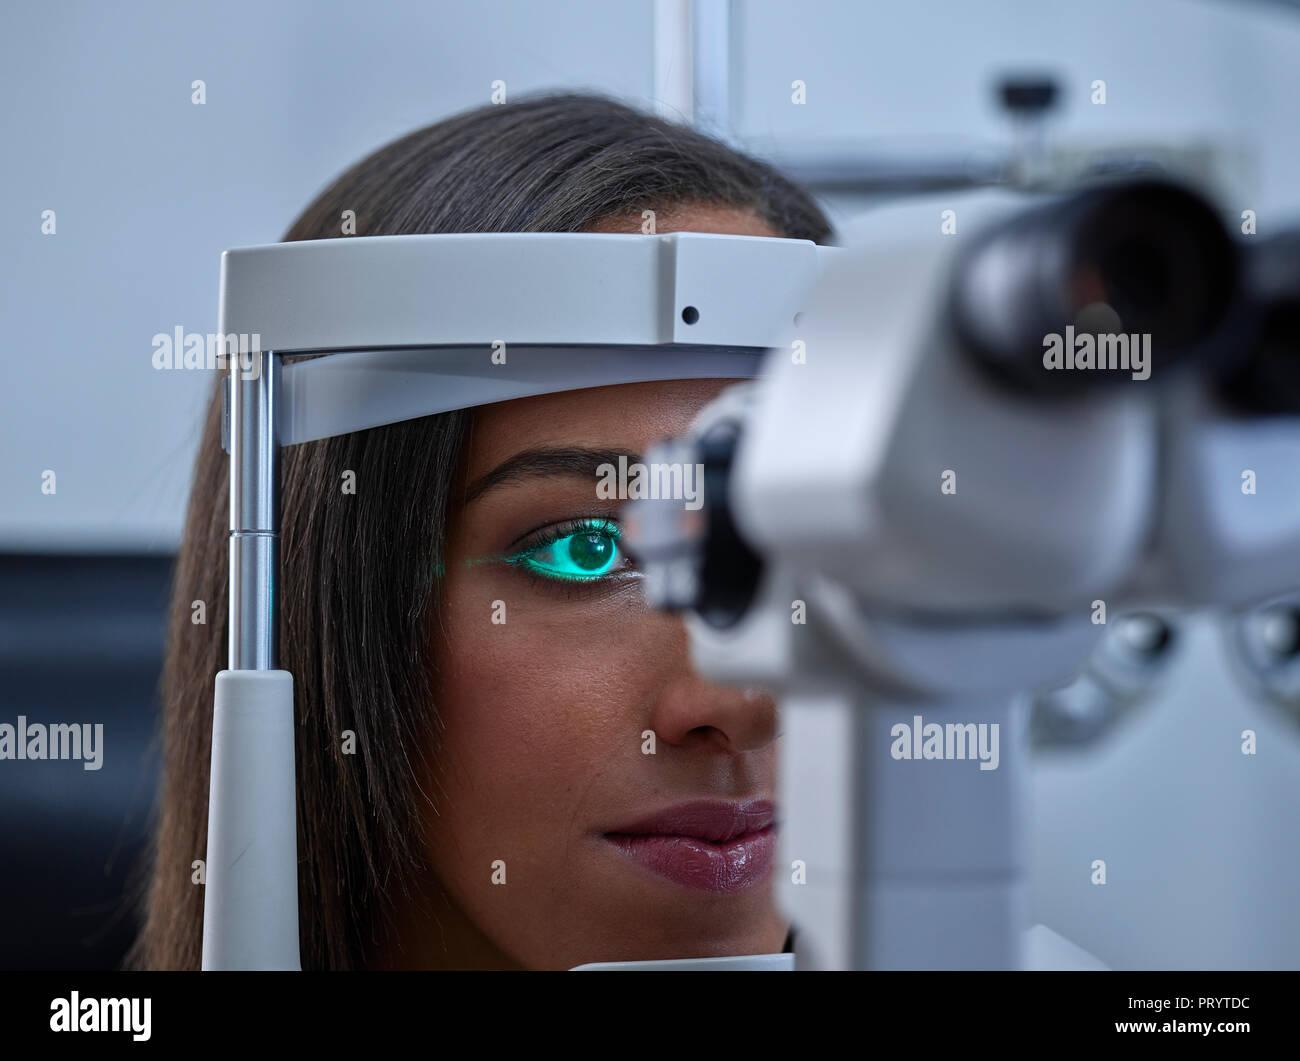 e7923b06e668 Optician